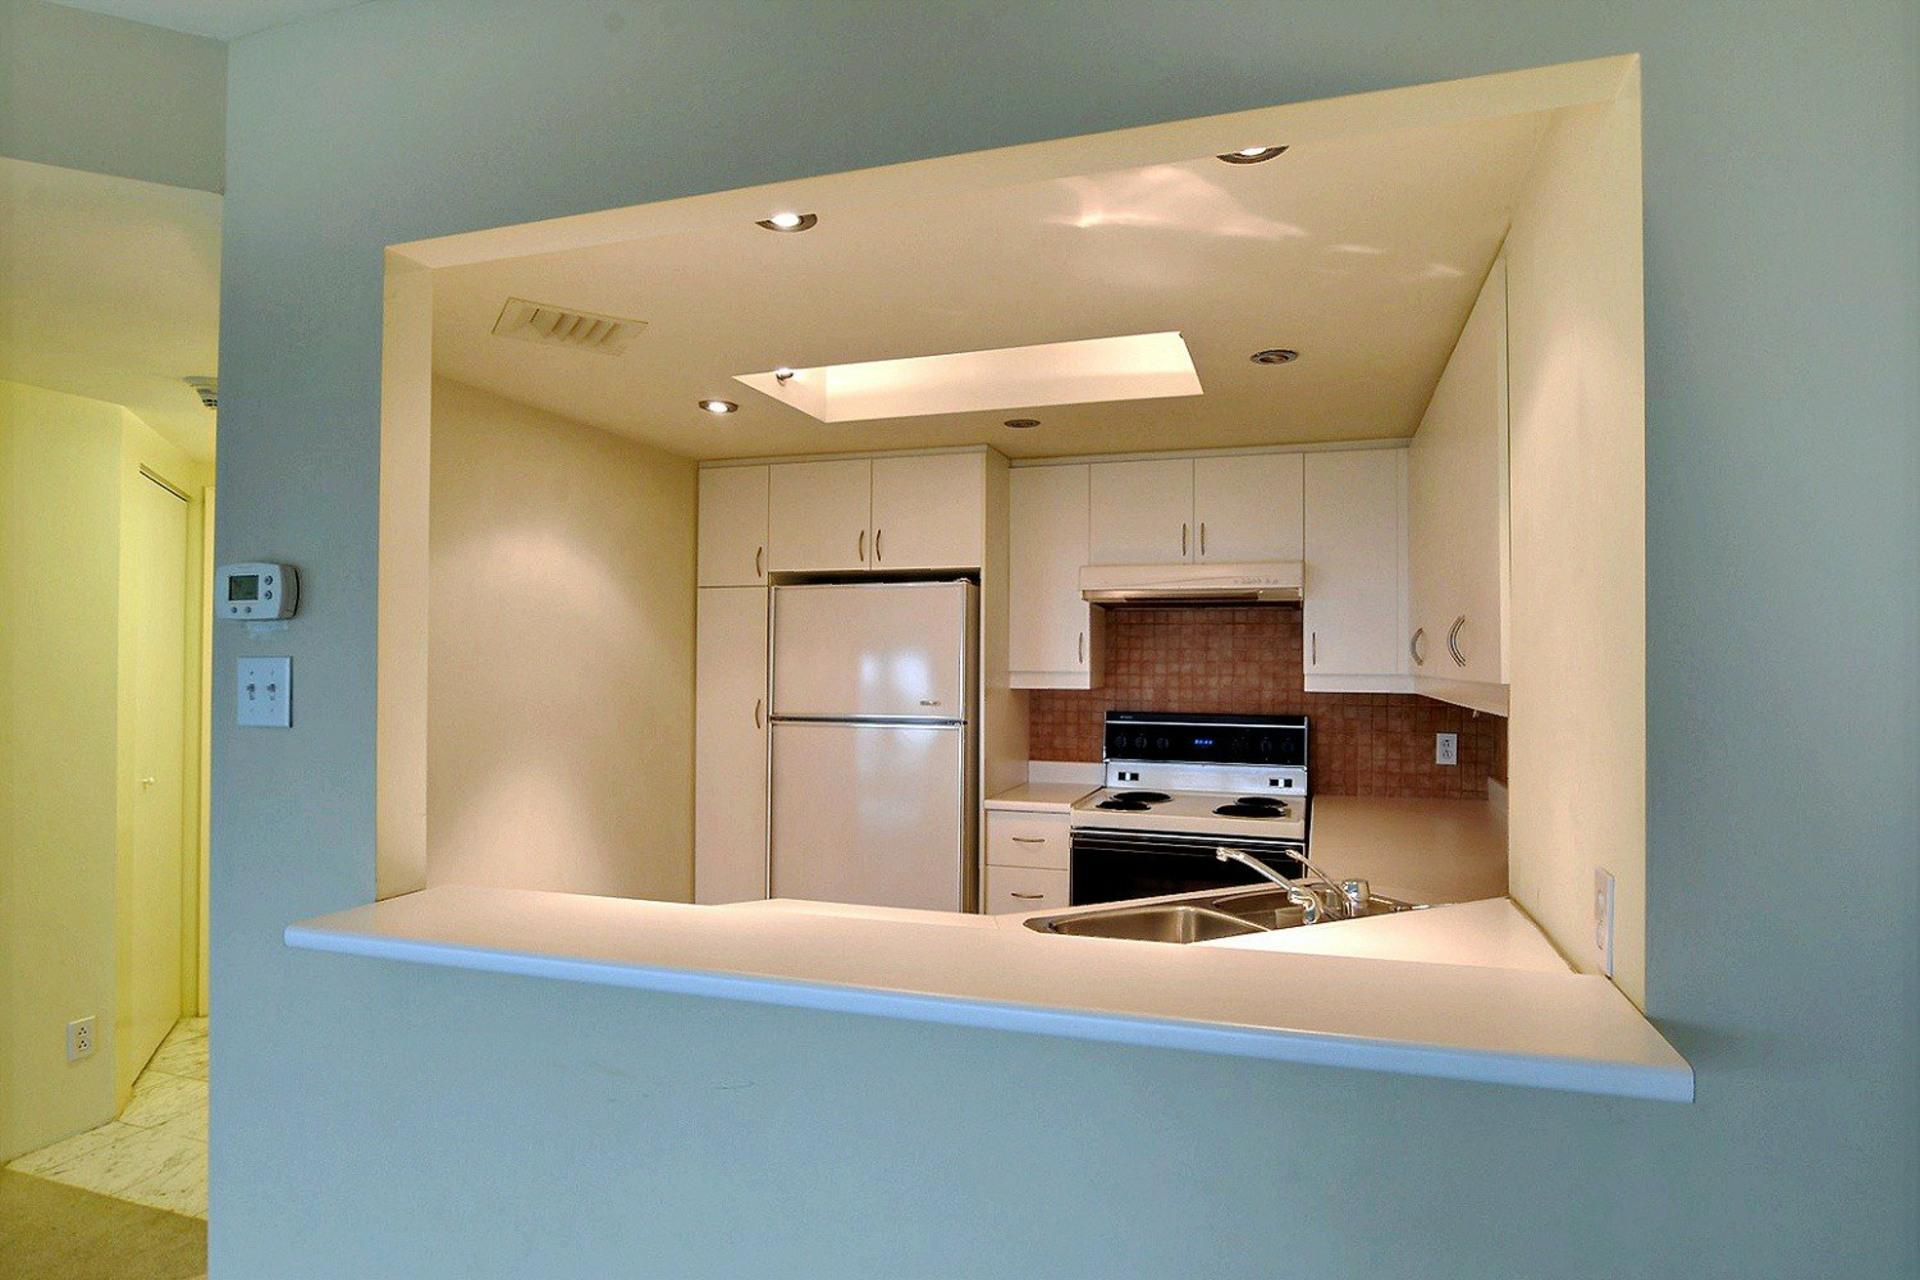 image 10 - Apartment For rent Montréal Verdun/Île-des-Soeurs  - 4 rooms